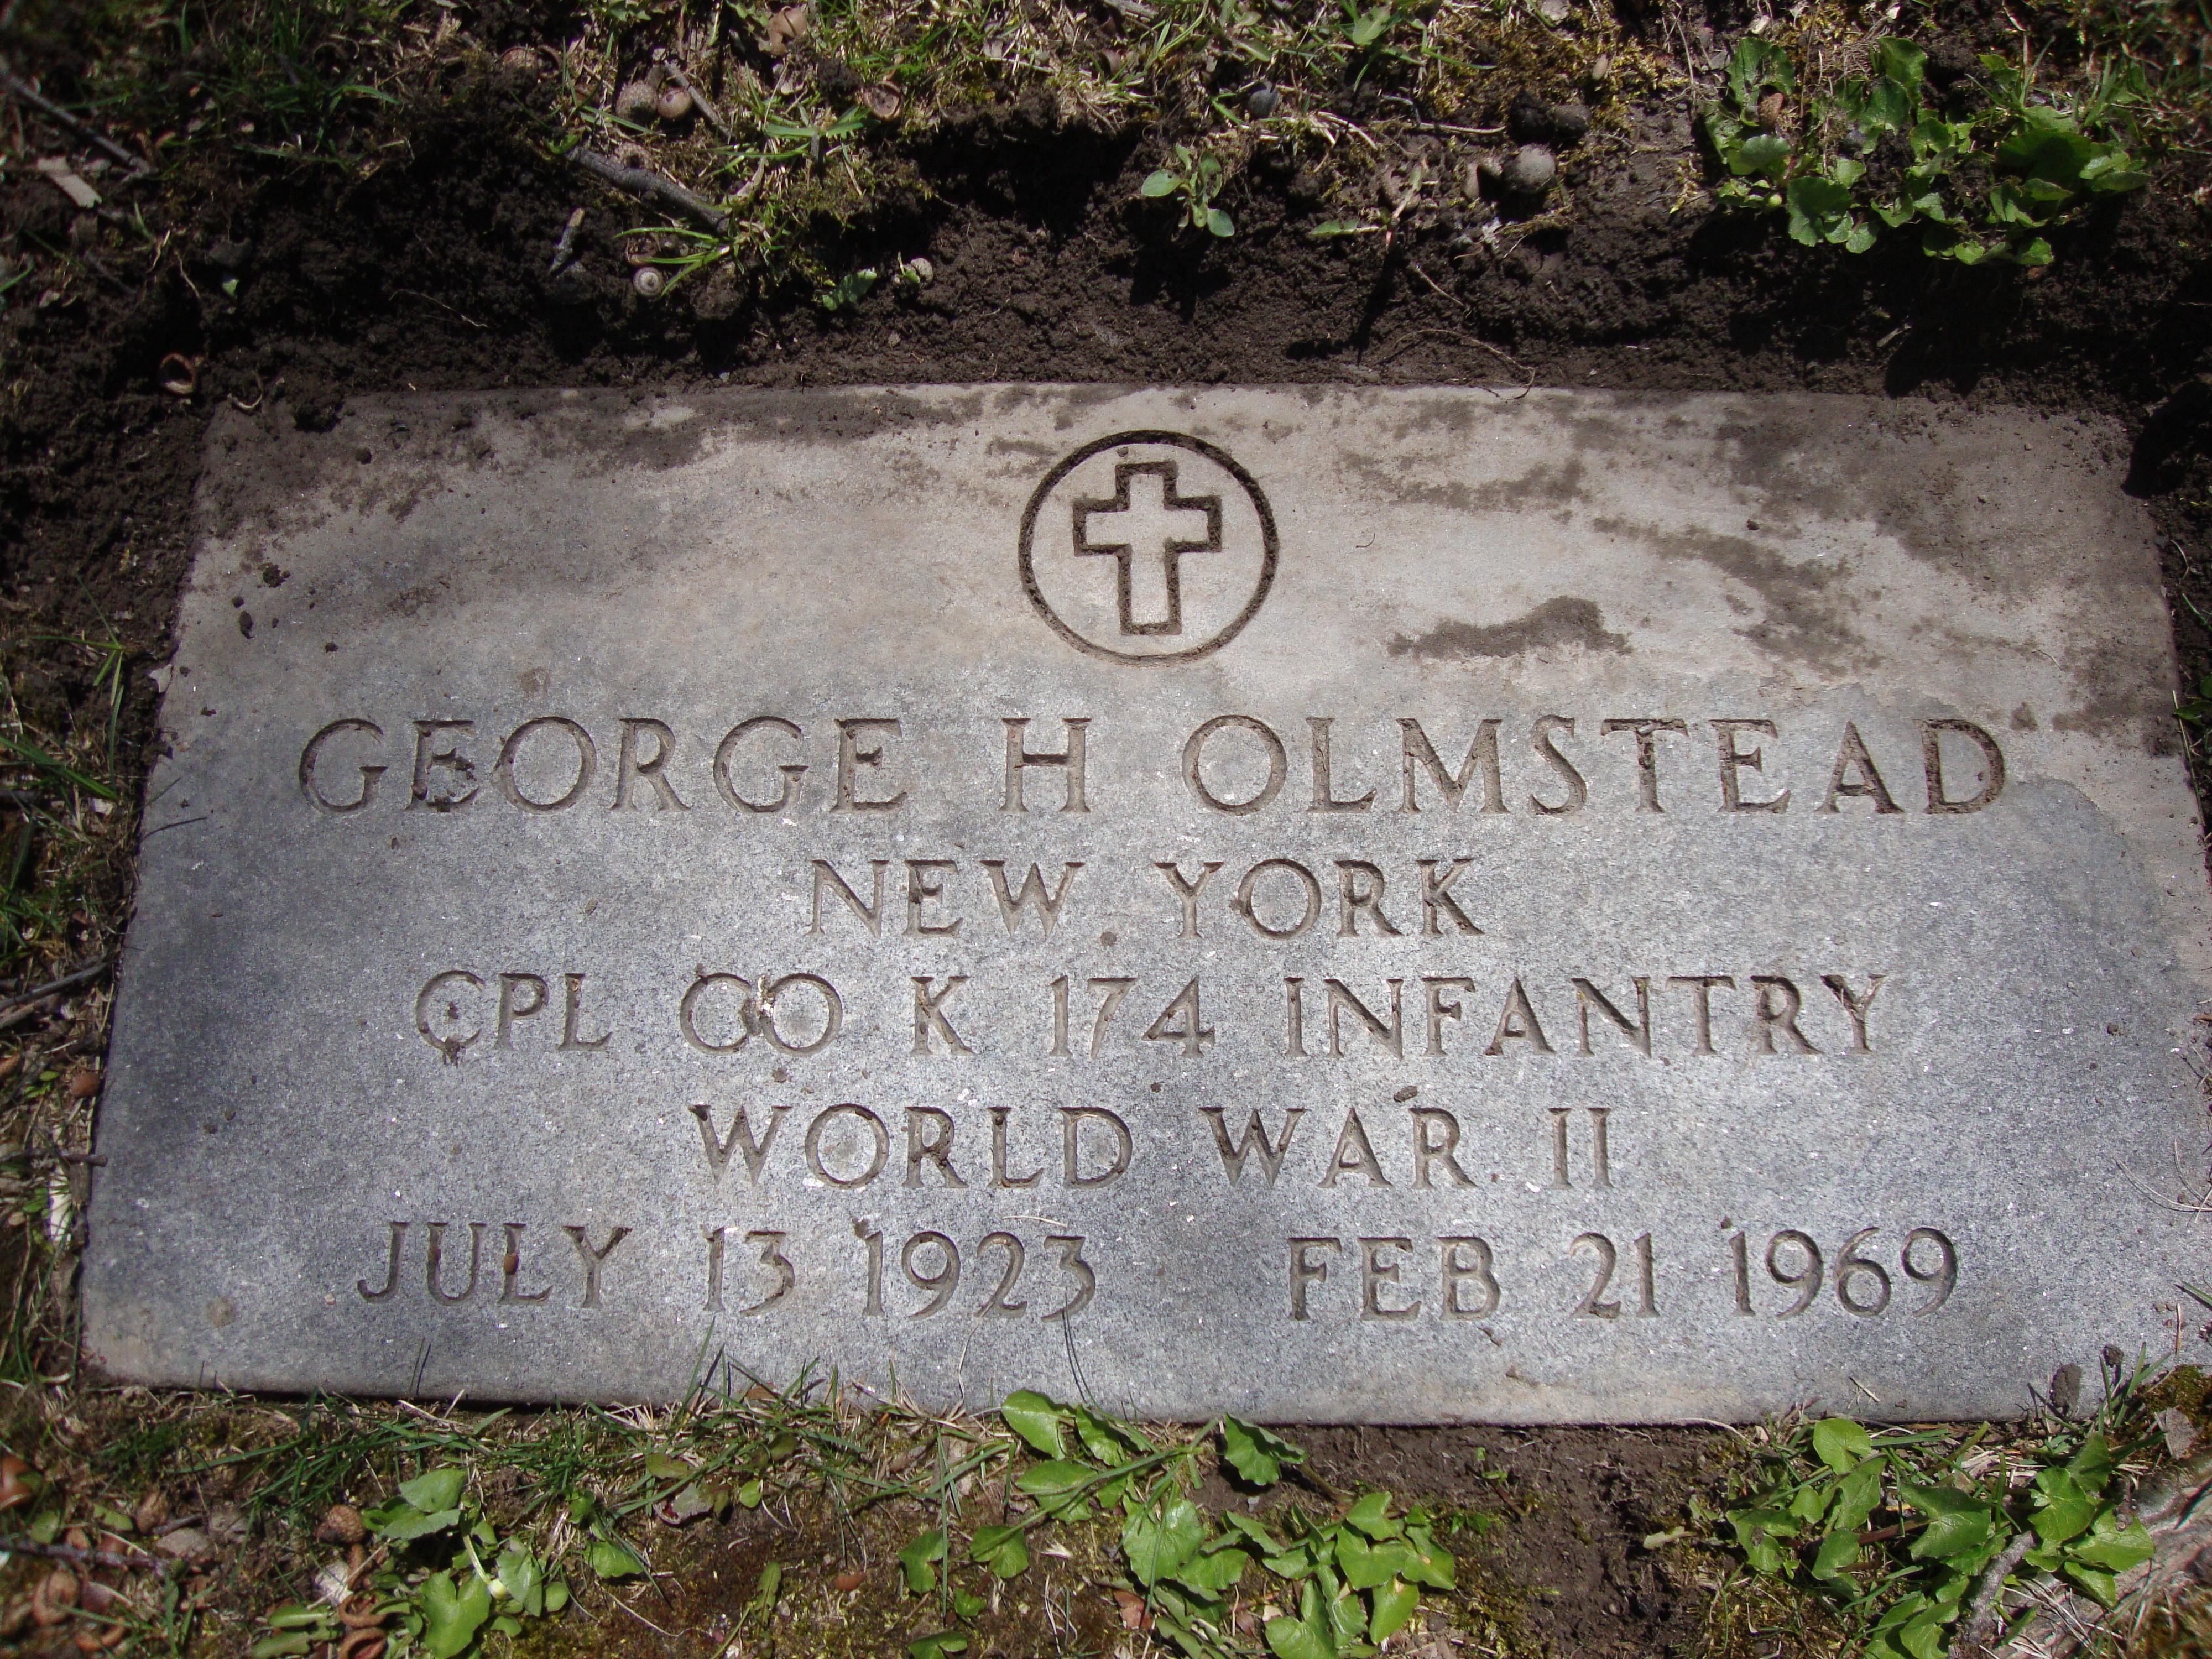 George Holdridge Olmstead